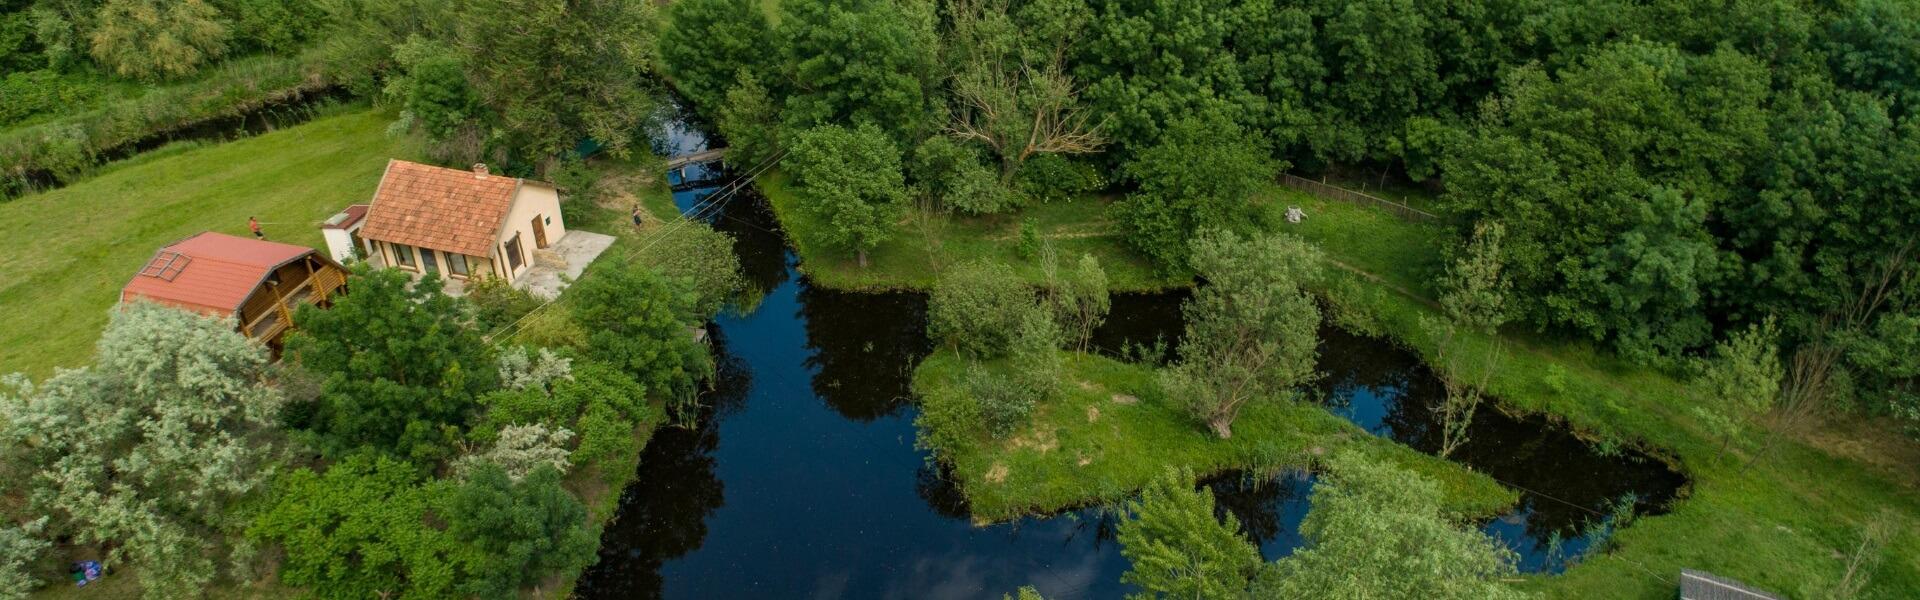 Зелений туризм на півдні України